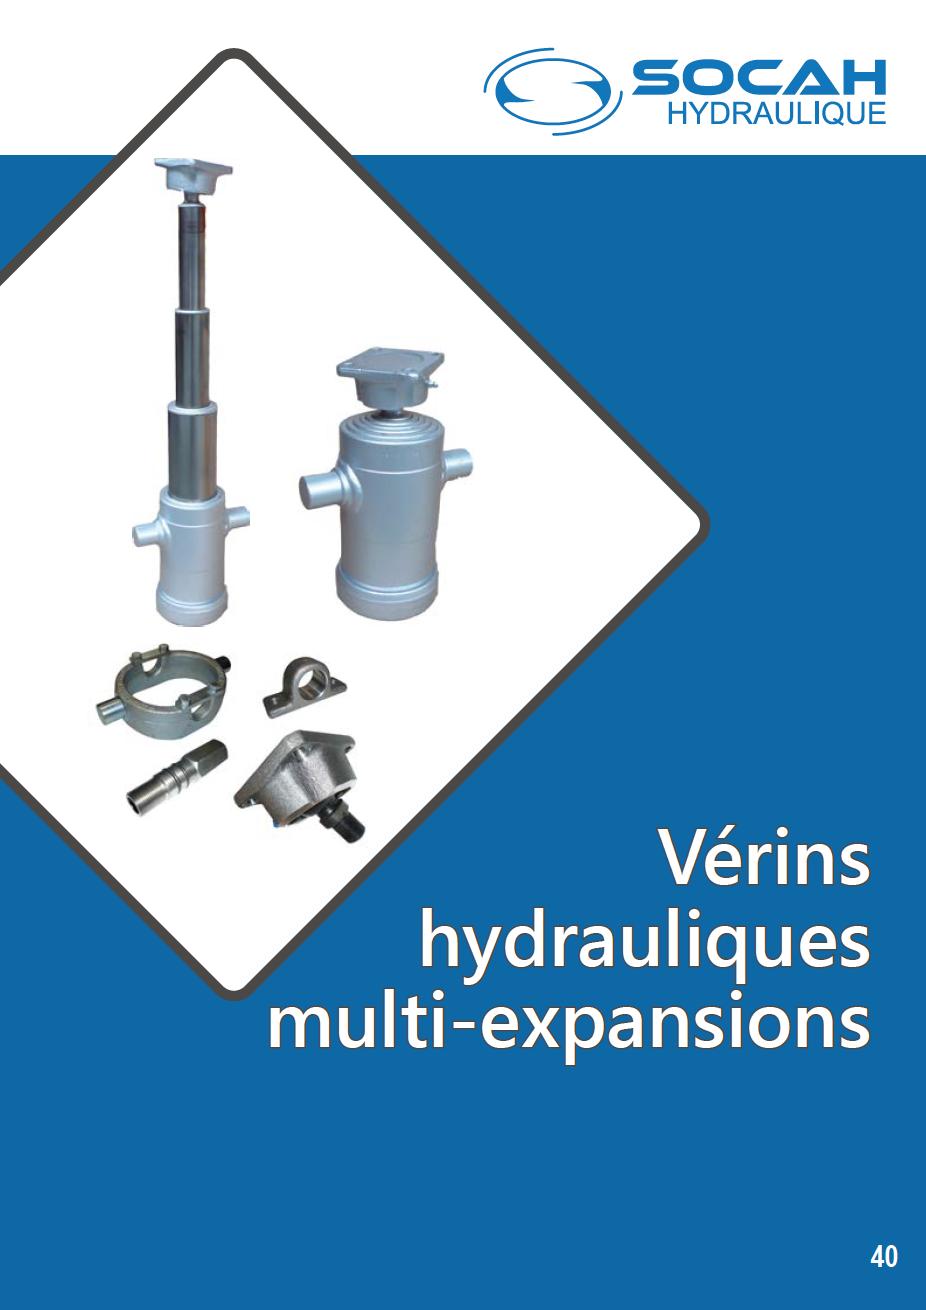 Fiche technique vérins hydrauliques multi-expansions